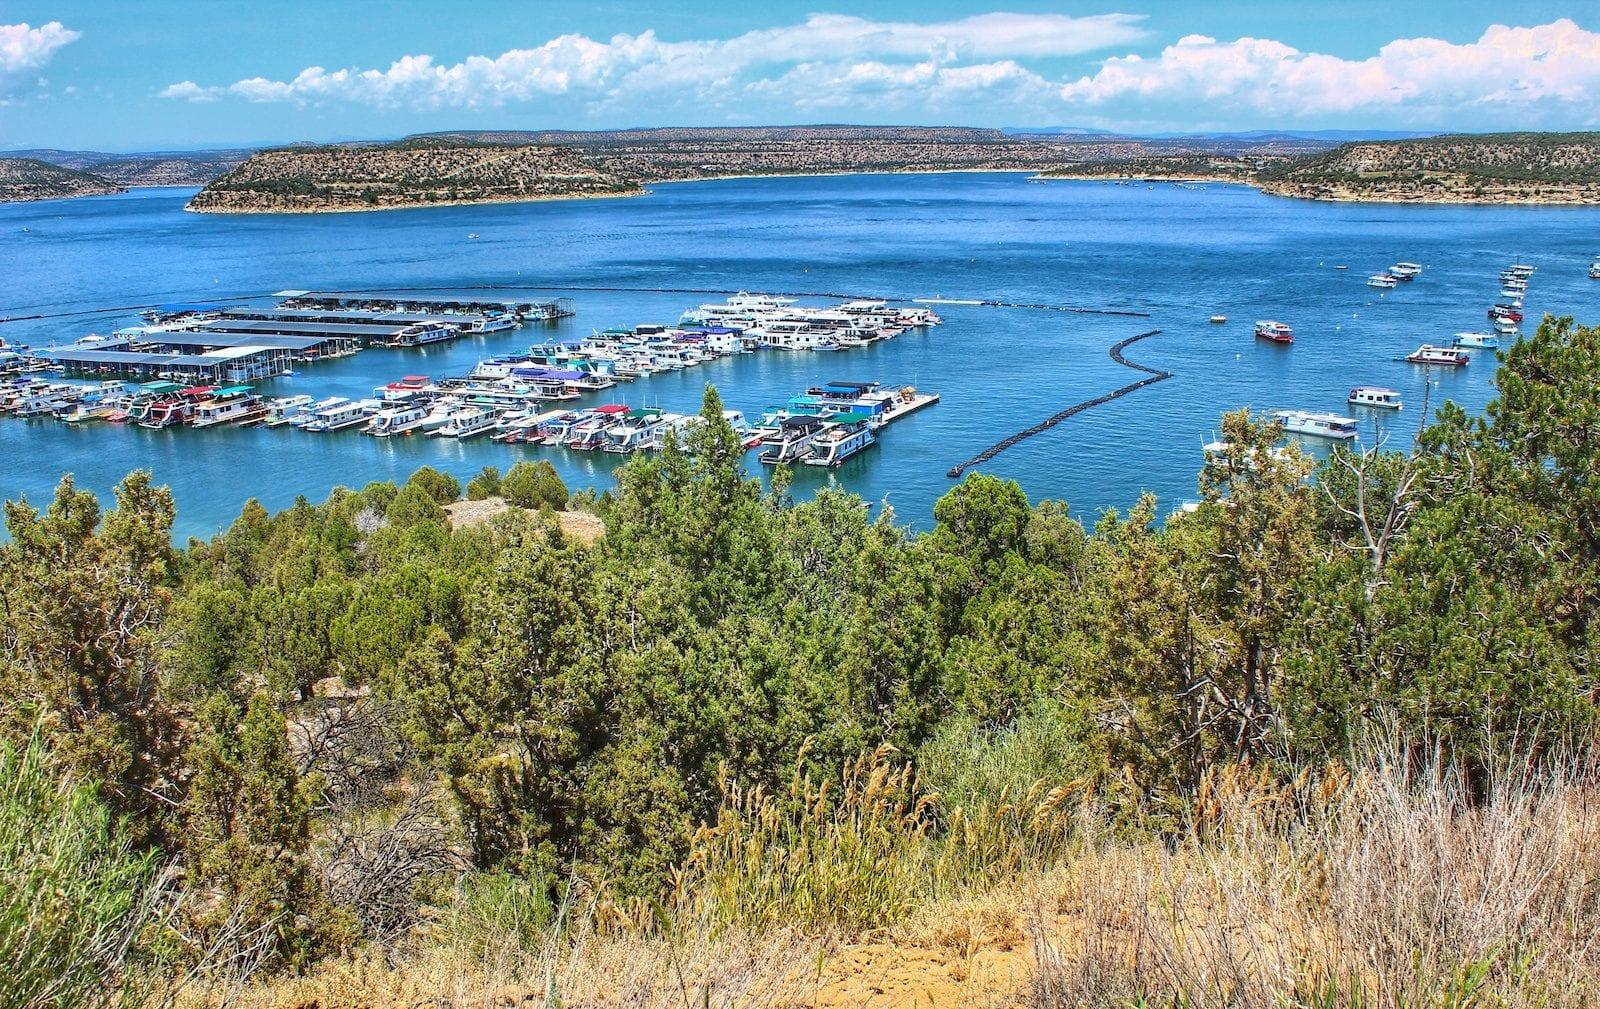 Navajo lake in New Mexico